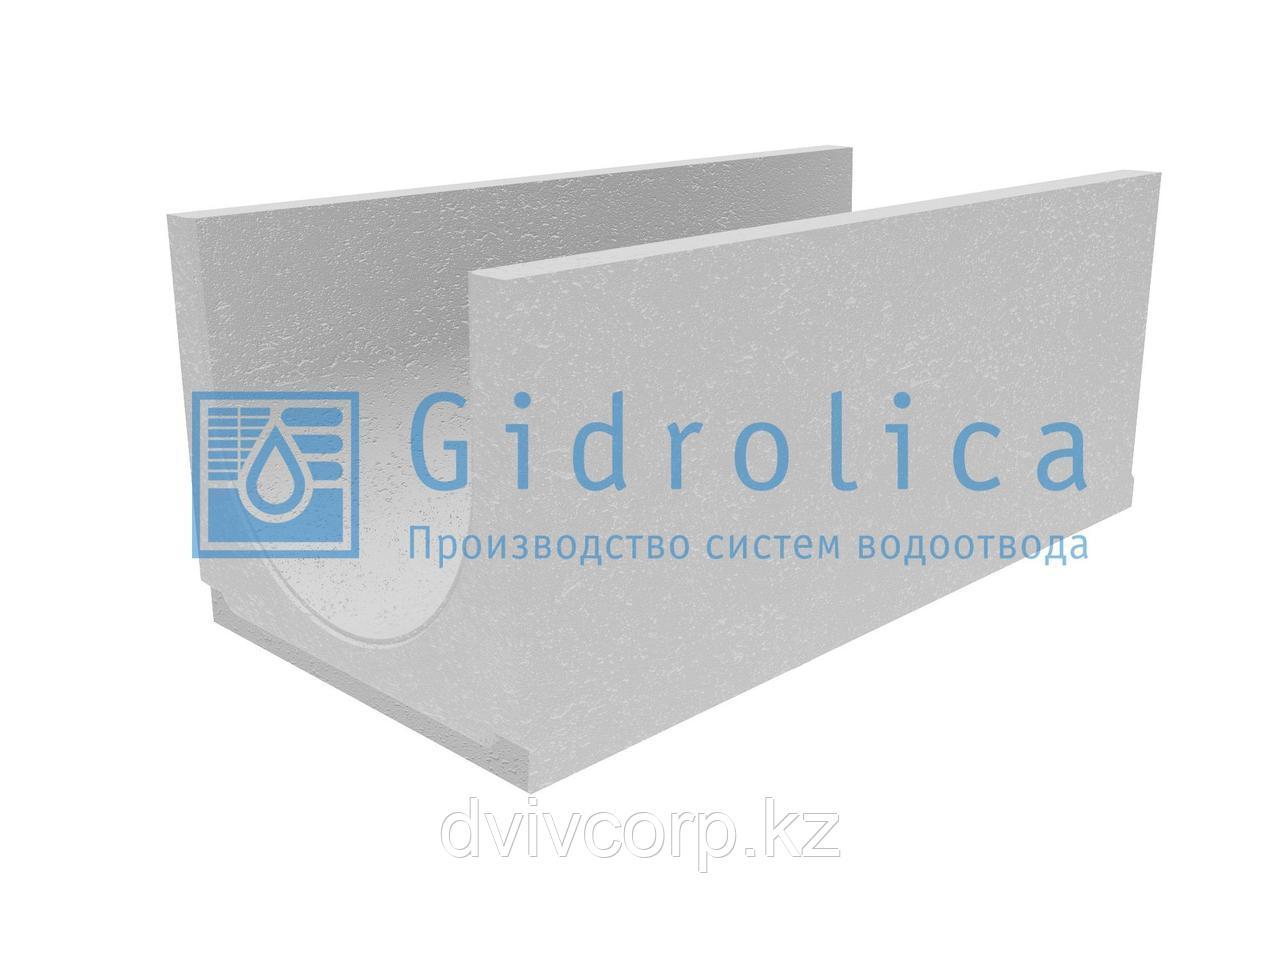 Лоток водоотводный бетонный коробчатый (СО-400мм), с уклоном 0,5%  КUу 100.49,4(40).42,5(35,5) - BGU, № 6